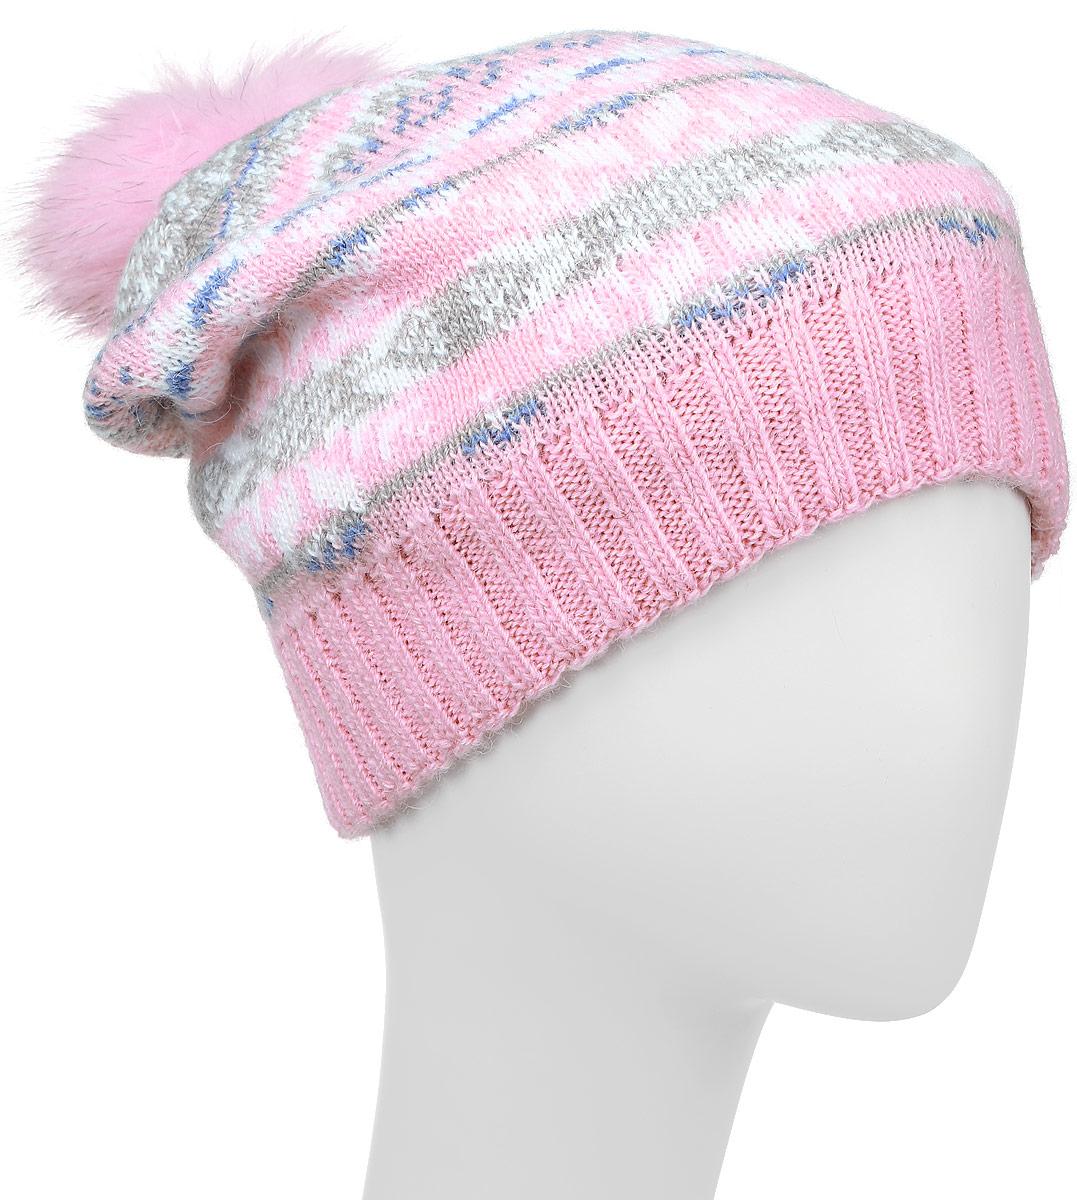 Шапка женская Finn Flare, цвет: розовый. W16-12127_323. Размер 56W16-12127_323Стильная женская шапка Finn Flare дополнит ваш наряд и не позволит вам замерзнуть в холодное время года. Шапка выполнена из высококачественной пряжи, что позволяет ей великолепно сохранять тепло и обеспечивает высокую эластичность и удобство посадки.Модель оформлена оригинальным орнаментом и дополнена пушистым помпоном из меха песца. Такая шапка станет модным и стильным дополнением вашего гардероба.Уважаемые клиенты!Размер, доступный для заказа, является обхватом головы.